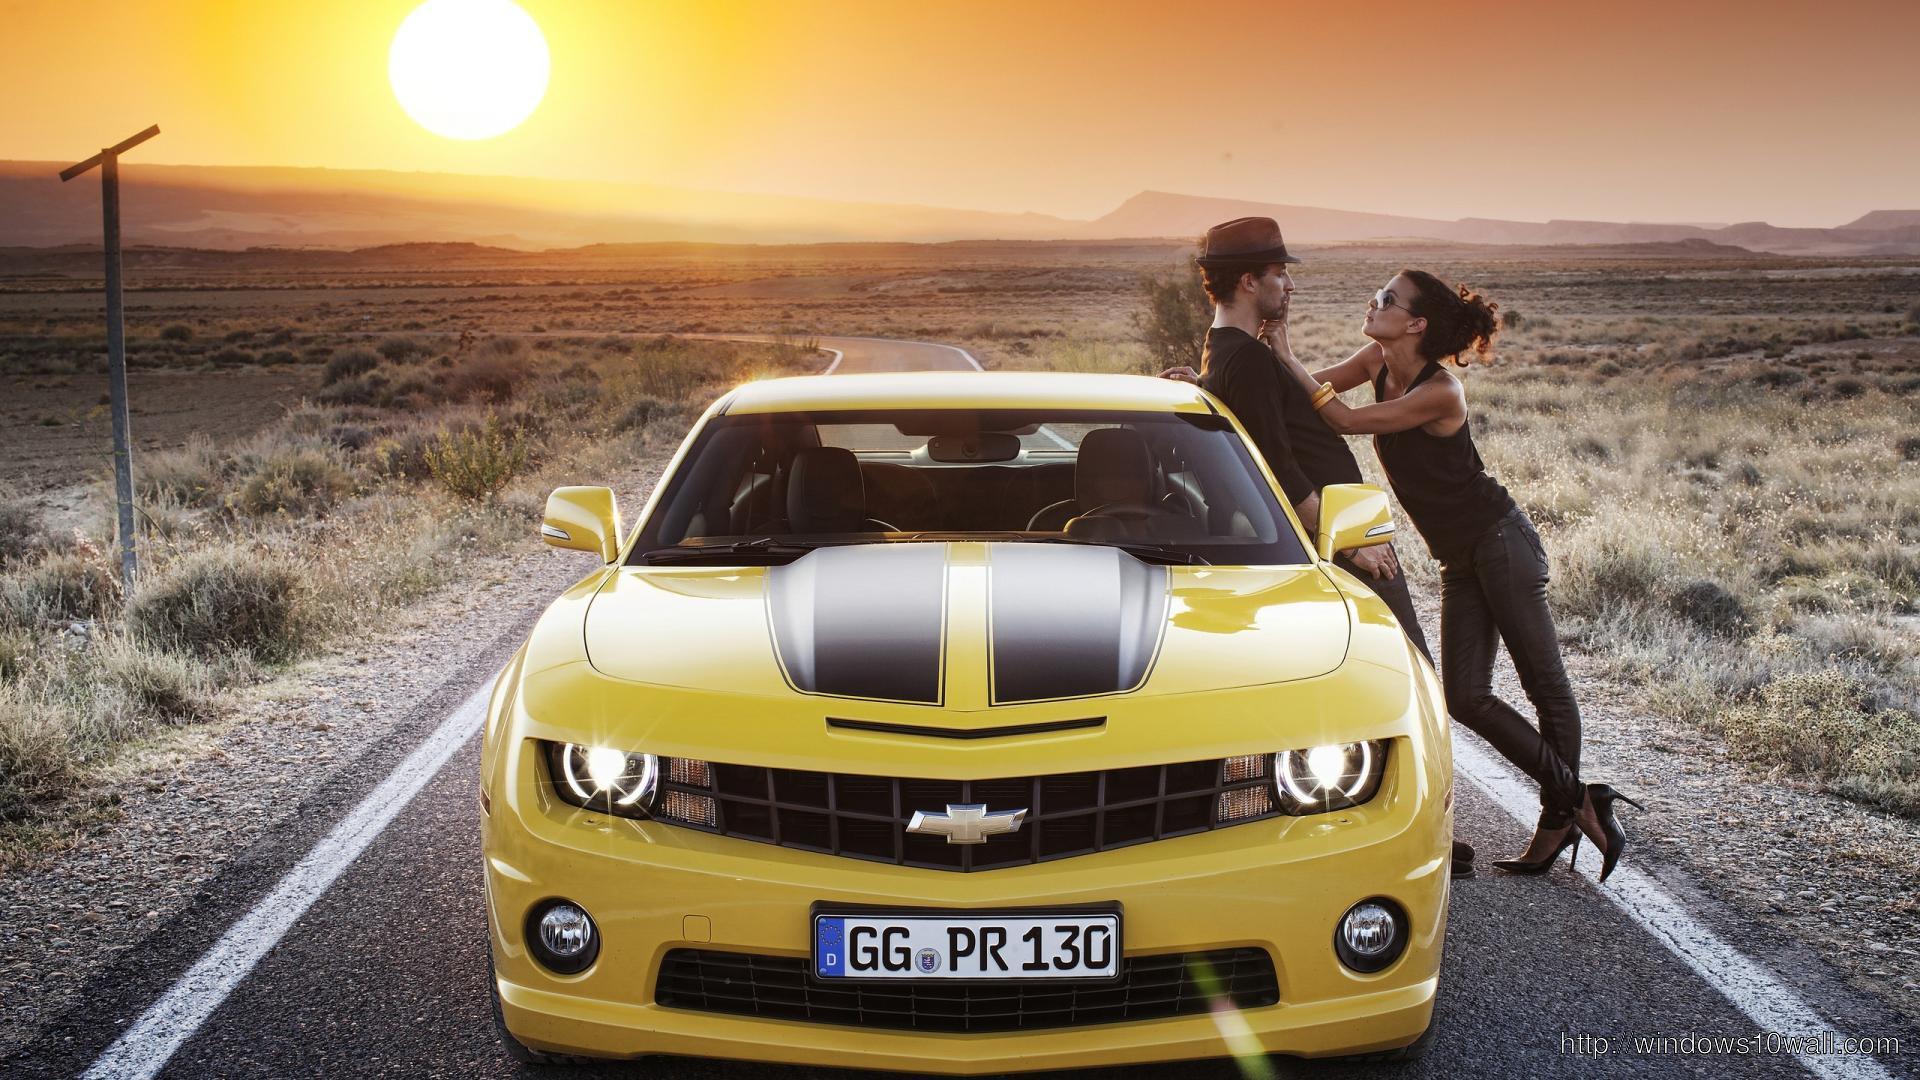 Chevrolet in Sunset Background Wallpaper